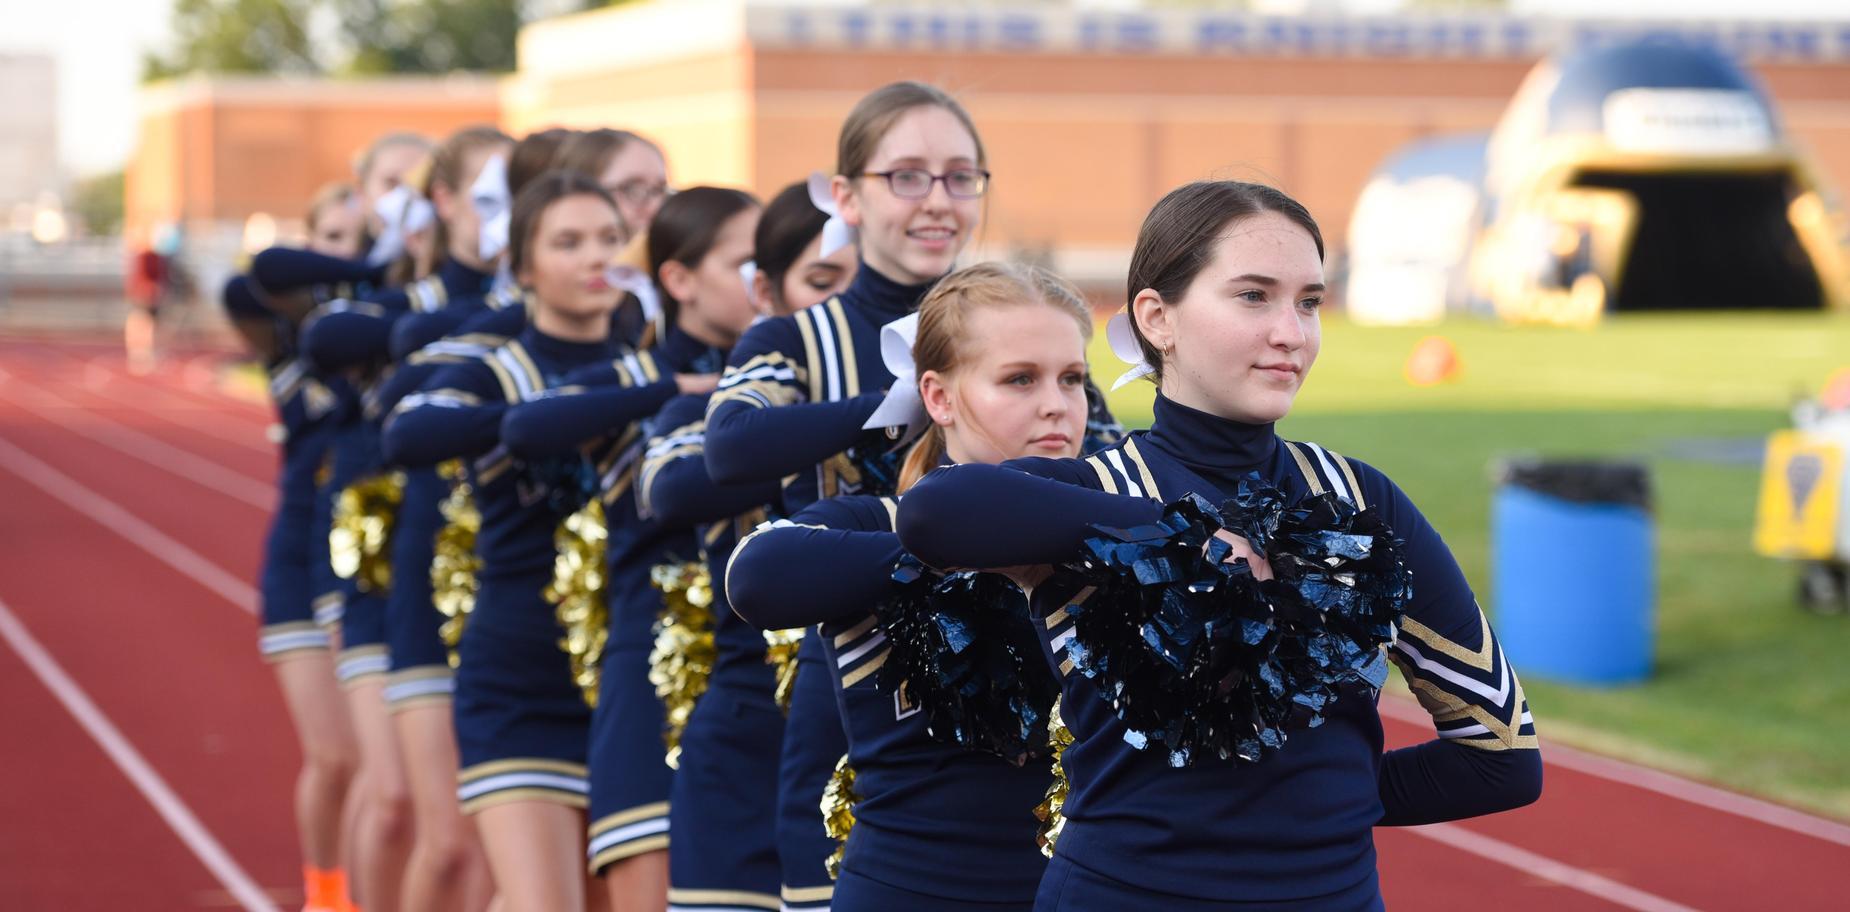 Knoch cheerleaders